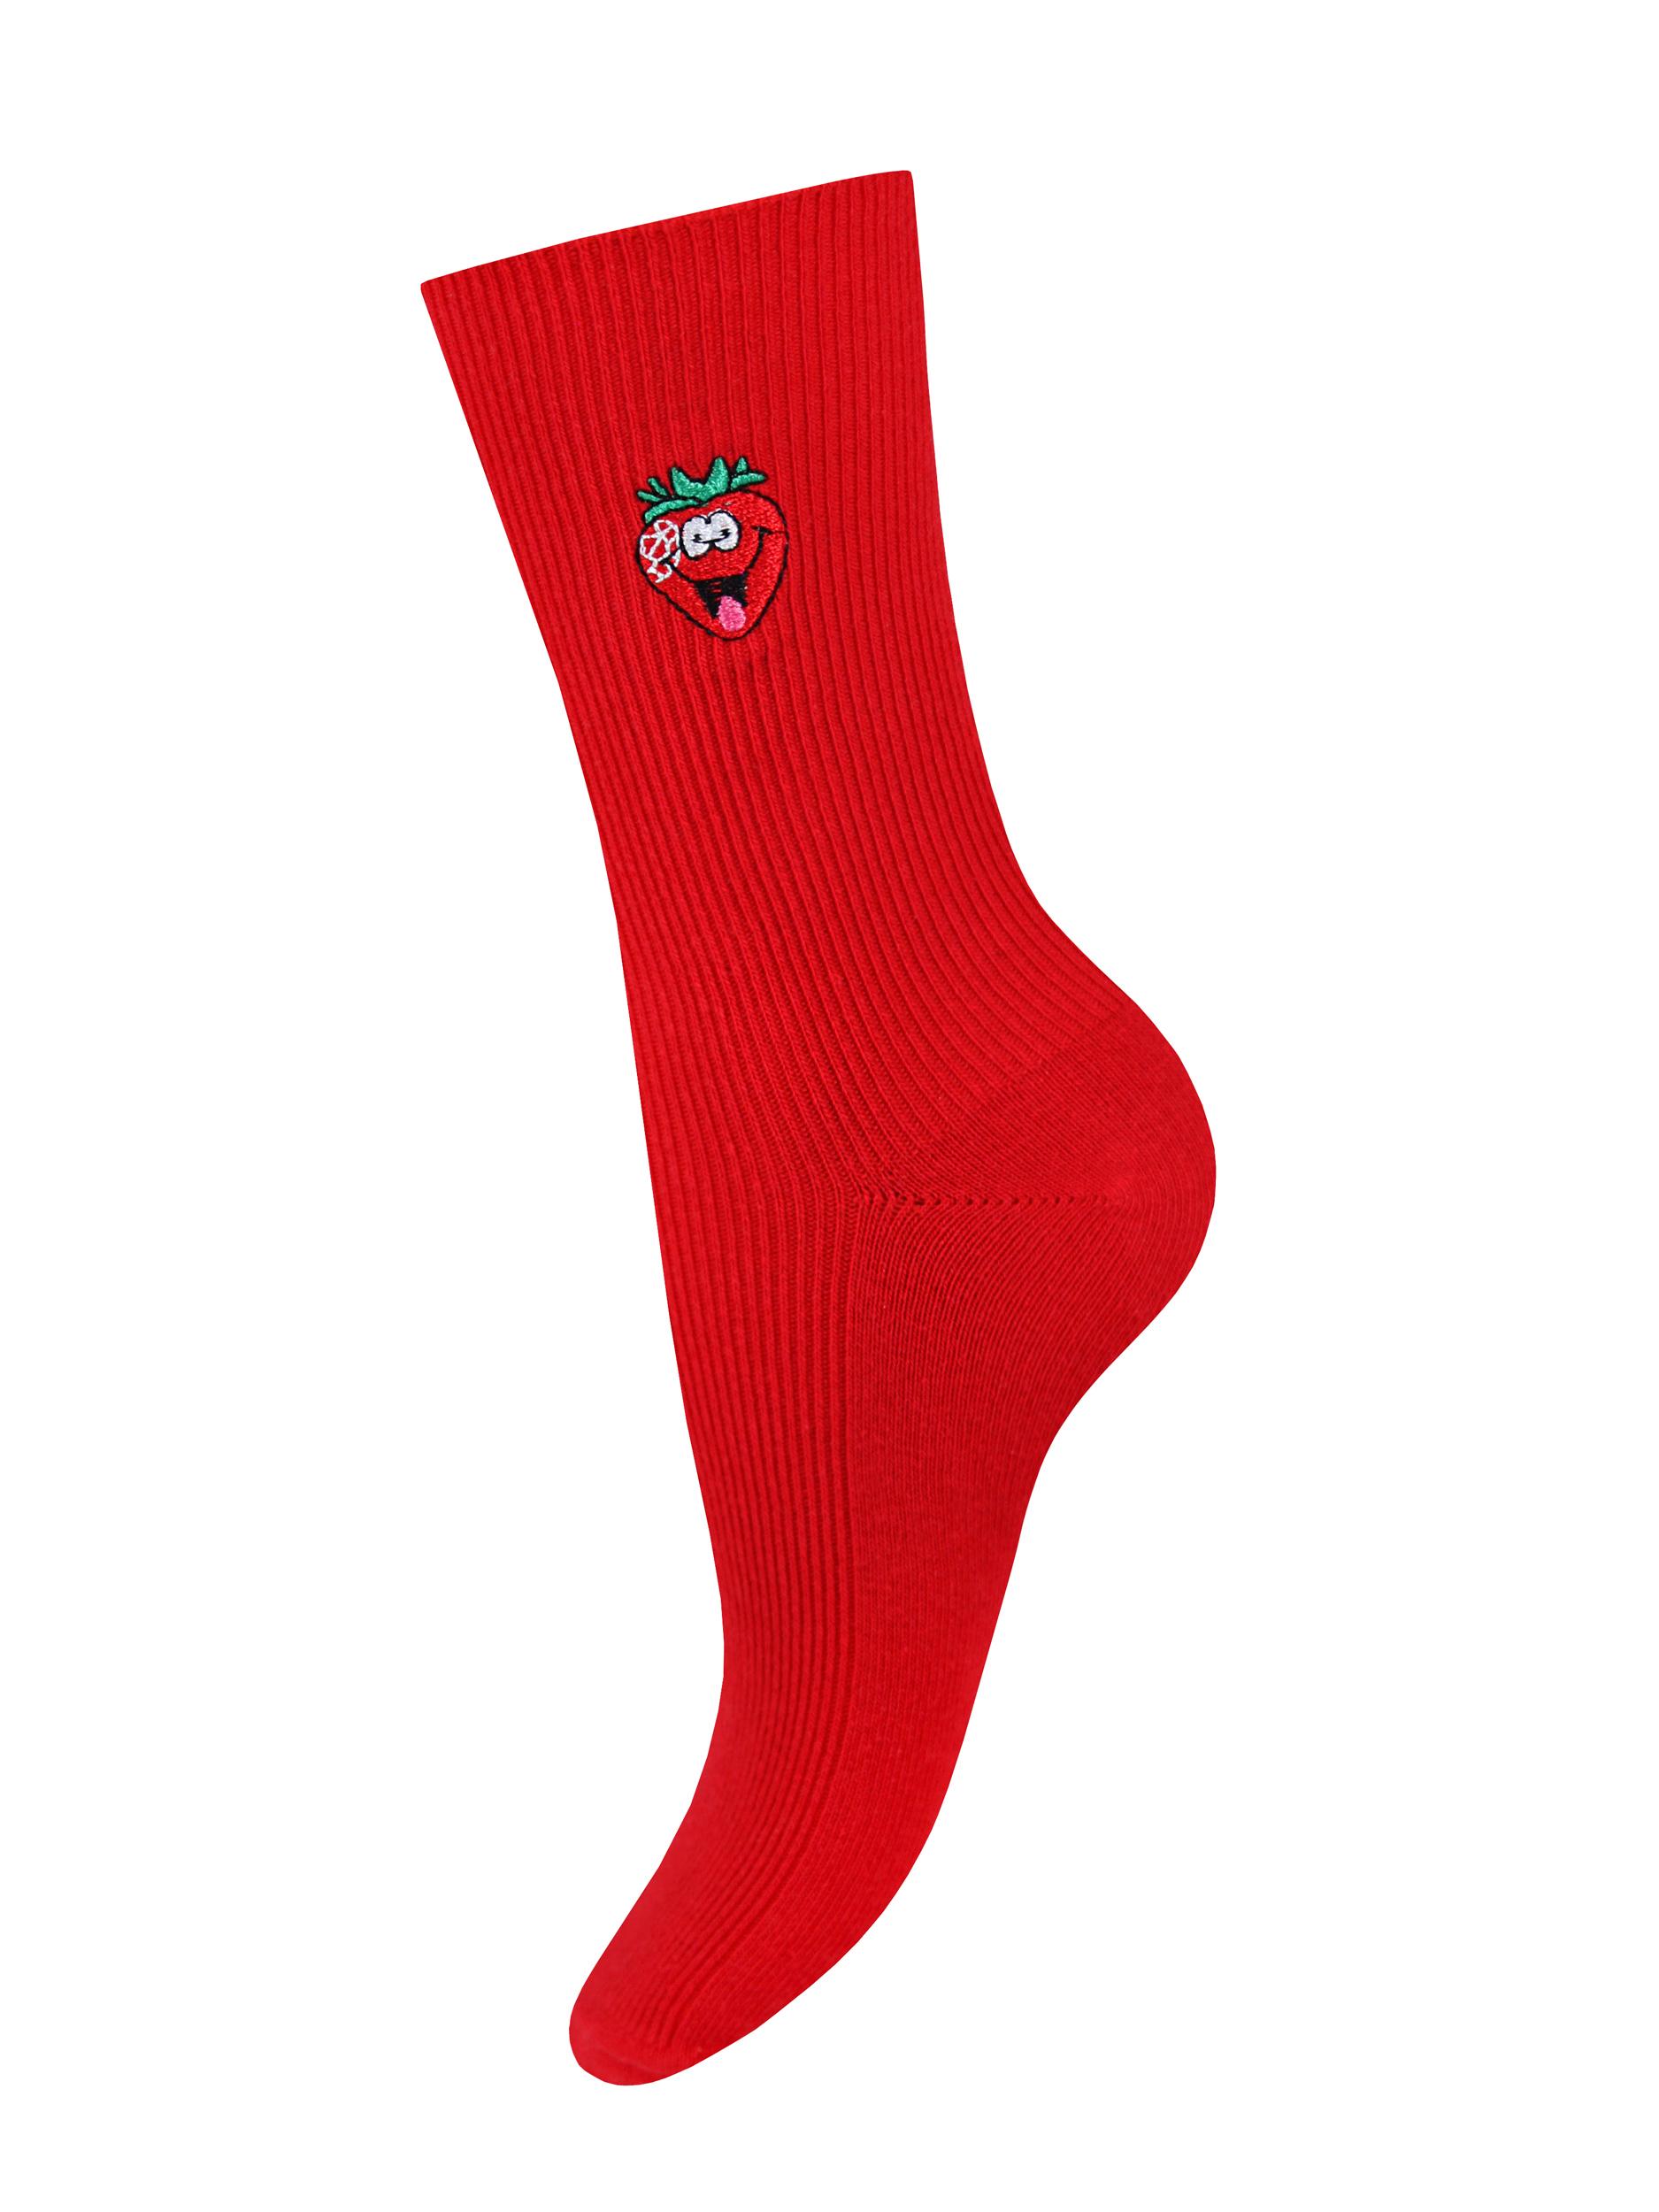 Носки женские Mademoiselle SC-1892-5 красные Unica